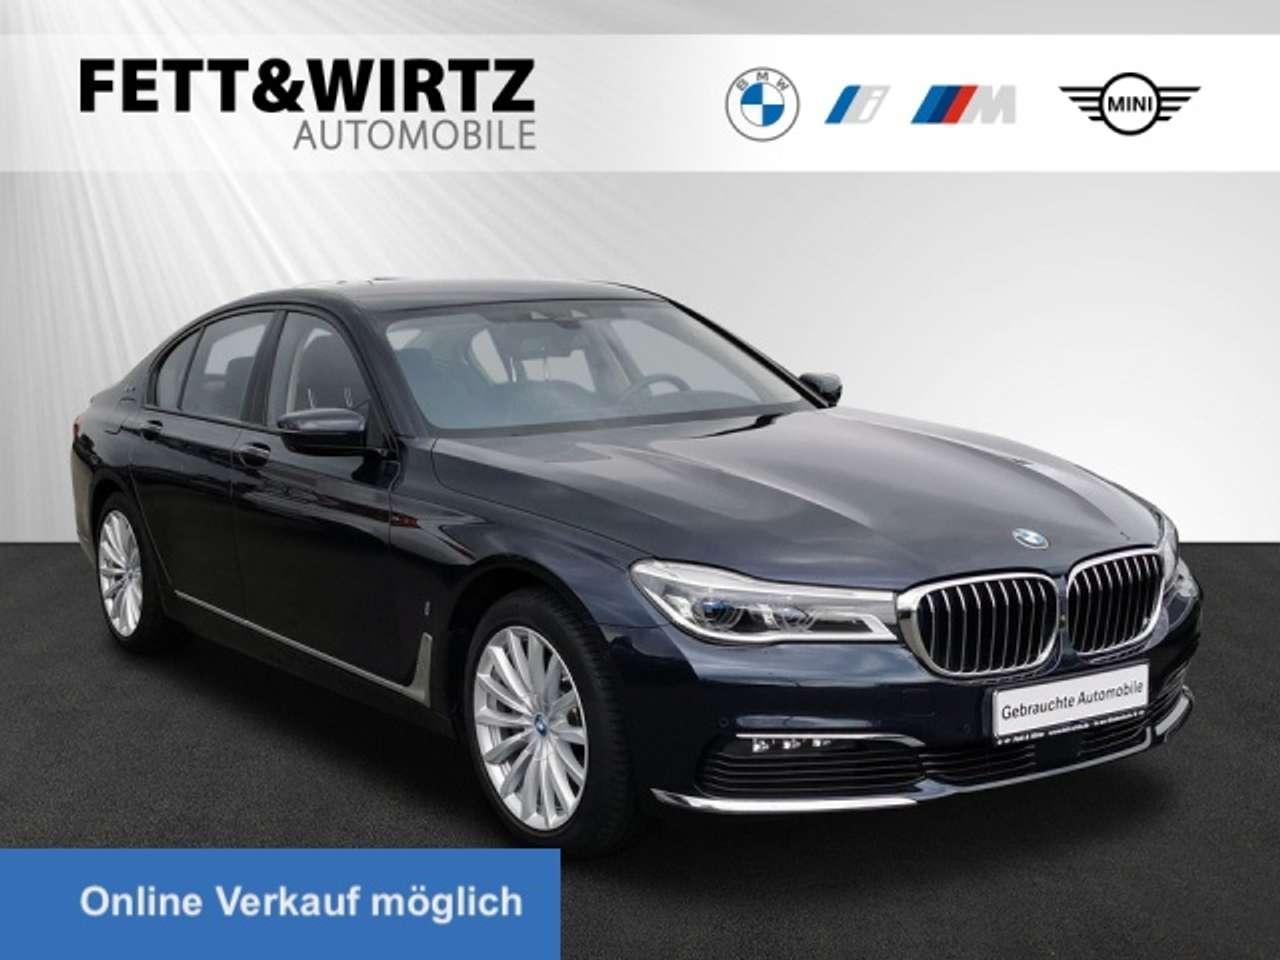 Autos nach BMW B7 B 7 S Turbo